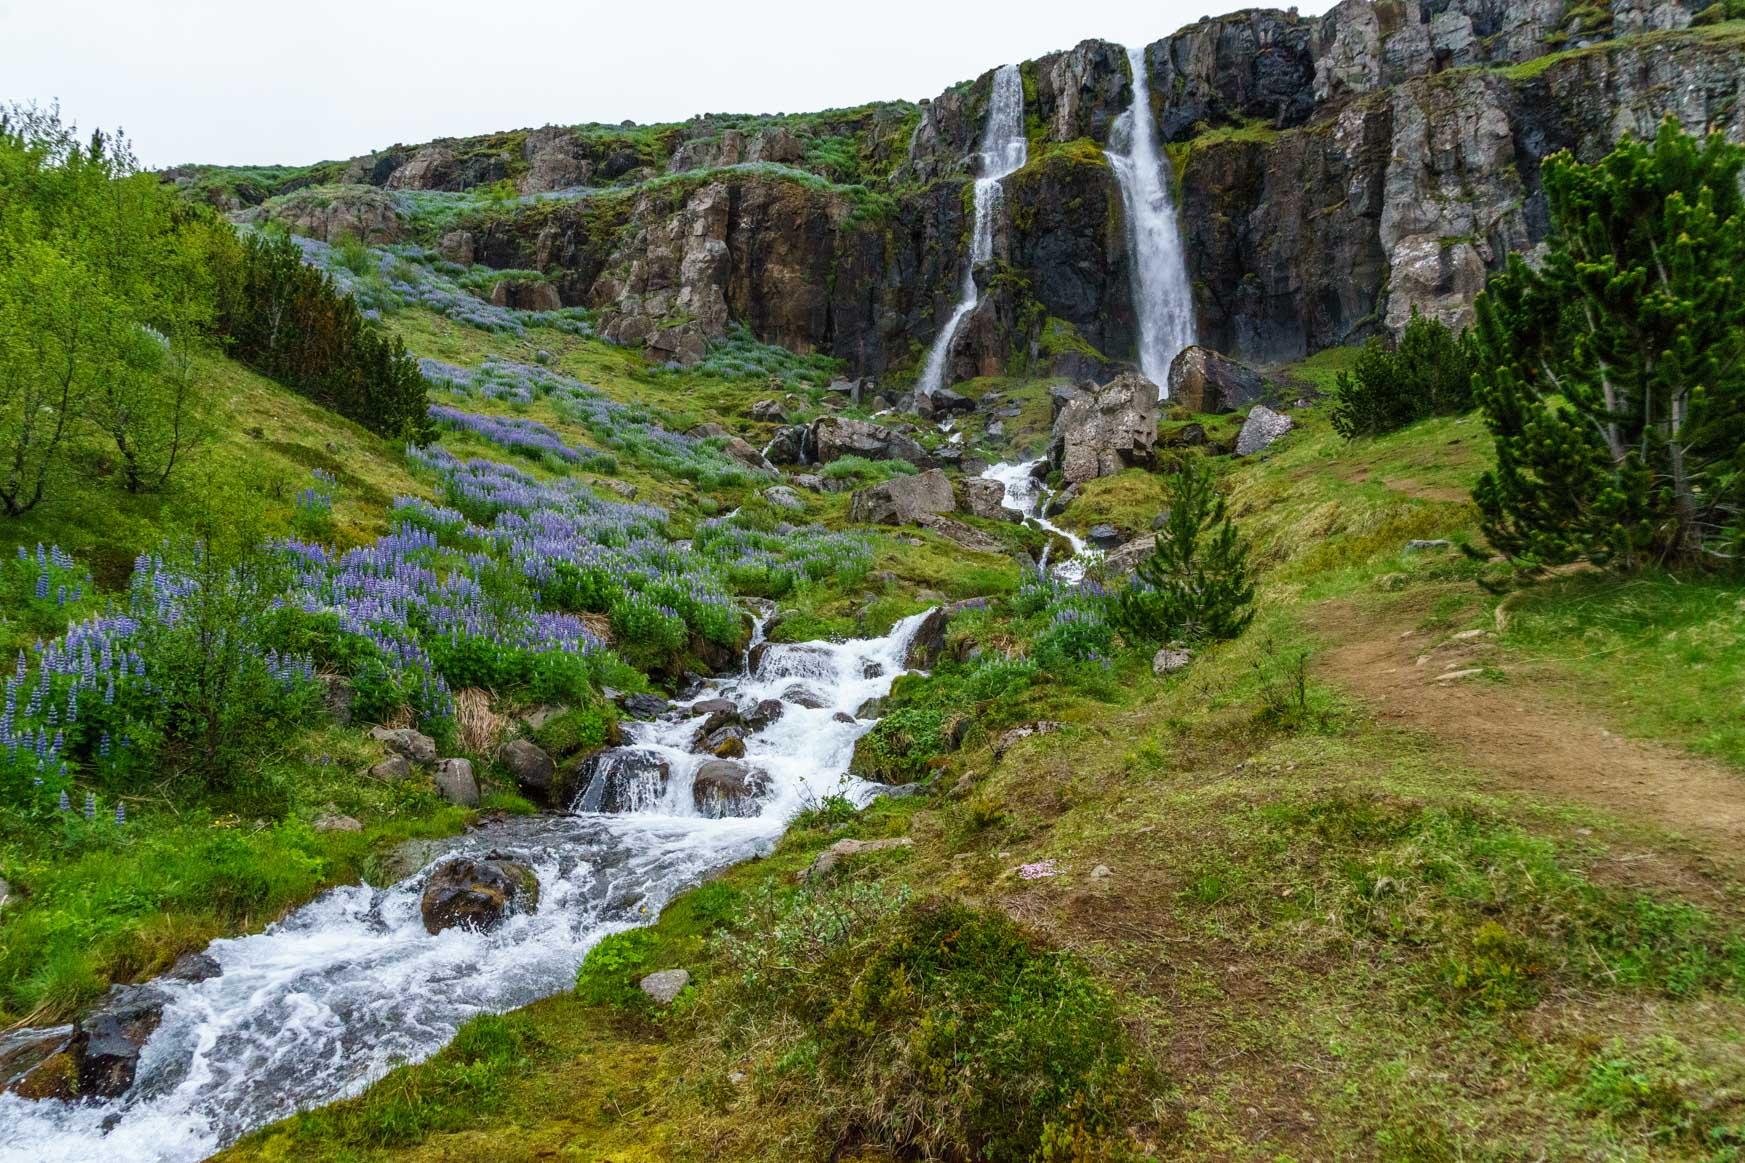 Zillingswasserfall in Seyðisfjörður